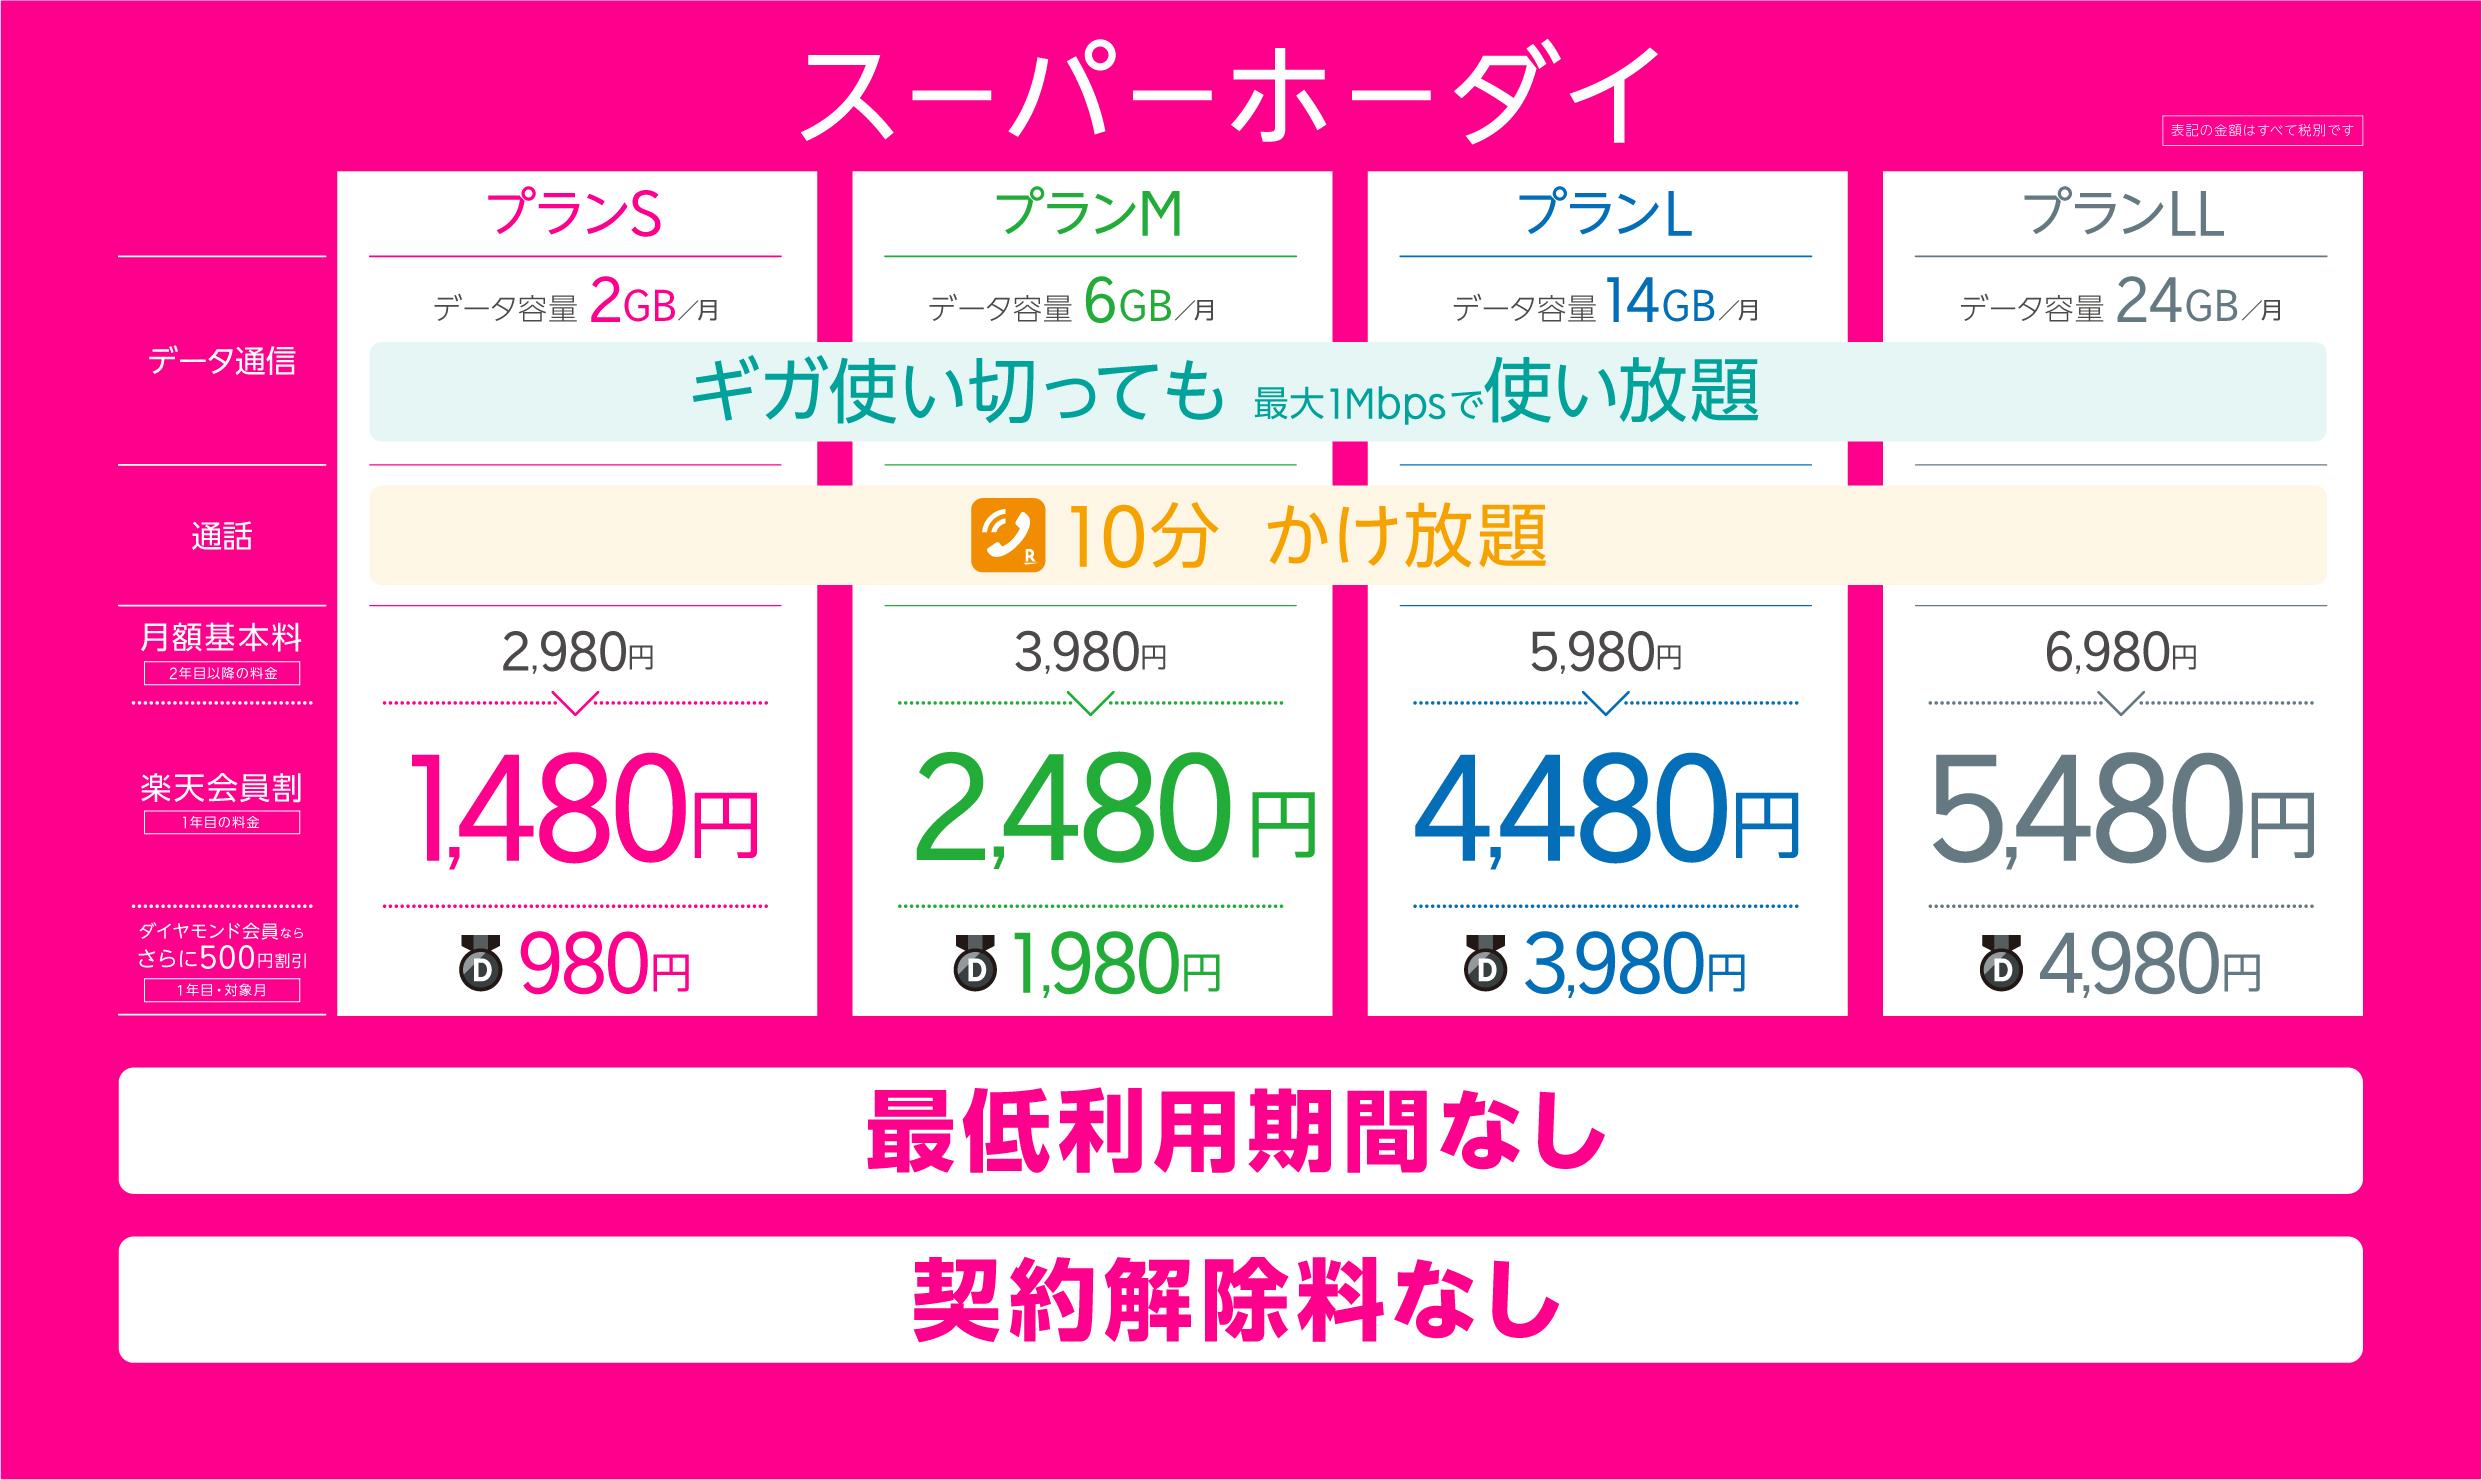 楽天モバイル新プラン「スーパーホーダイ」縛りナシ!違約金ナシ!